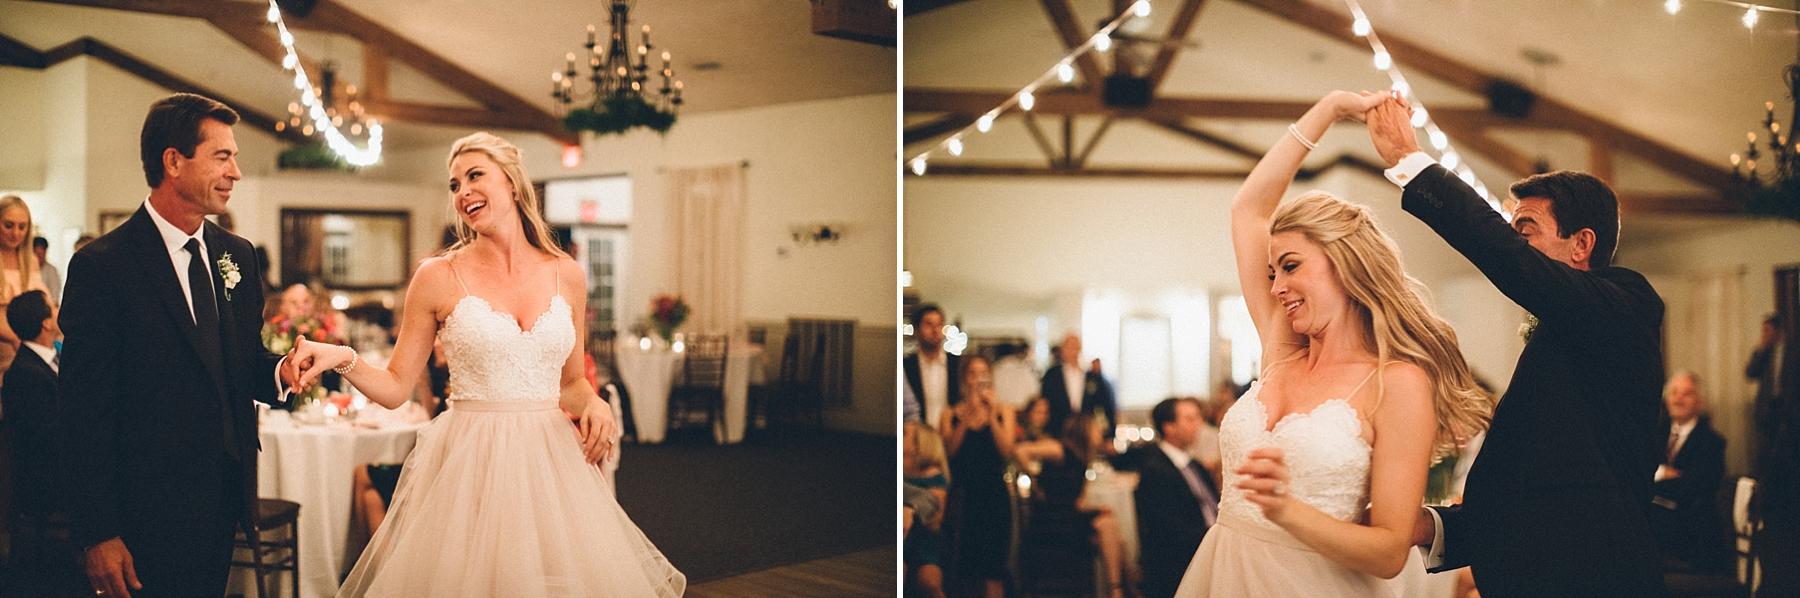 childhood-home-wedding-new-hope-pa-lambertville-nj_0093.jpg